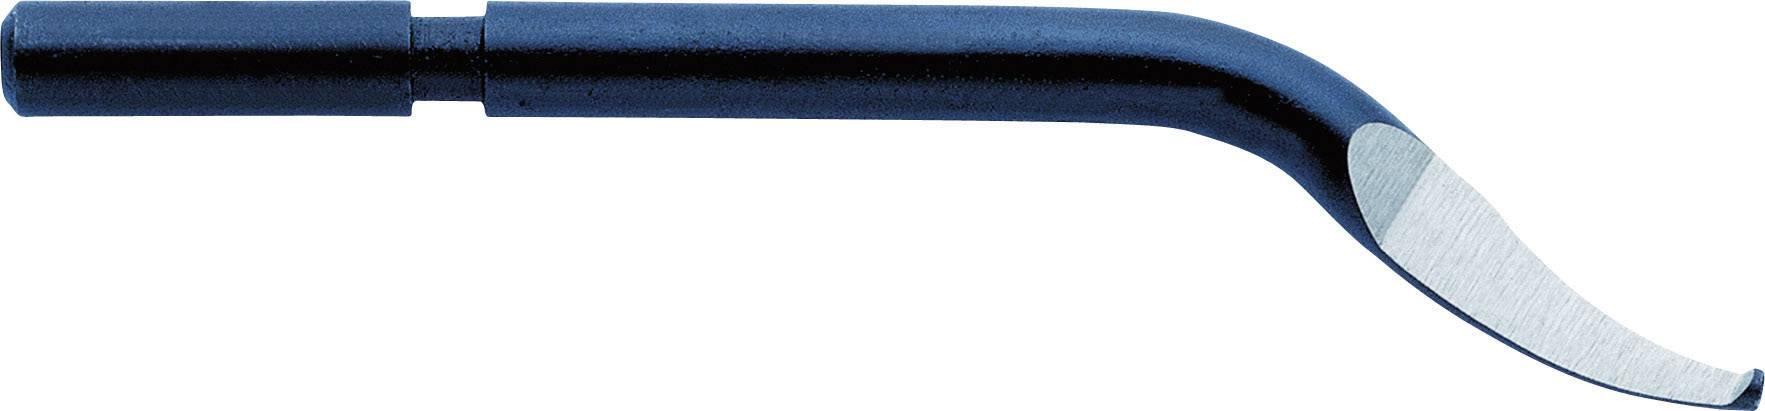 Začišťovací nůž Exact 60061, 3,2 mm